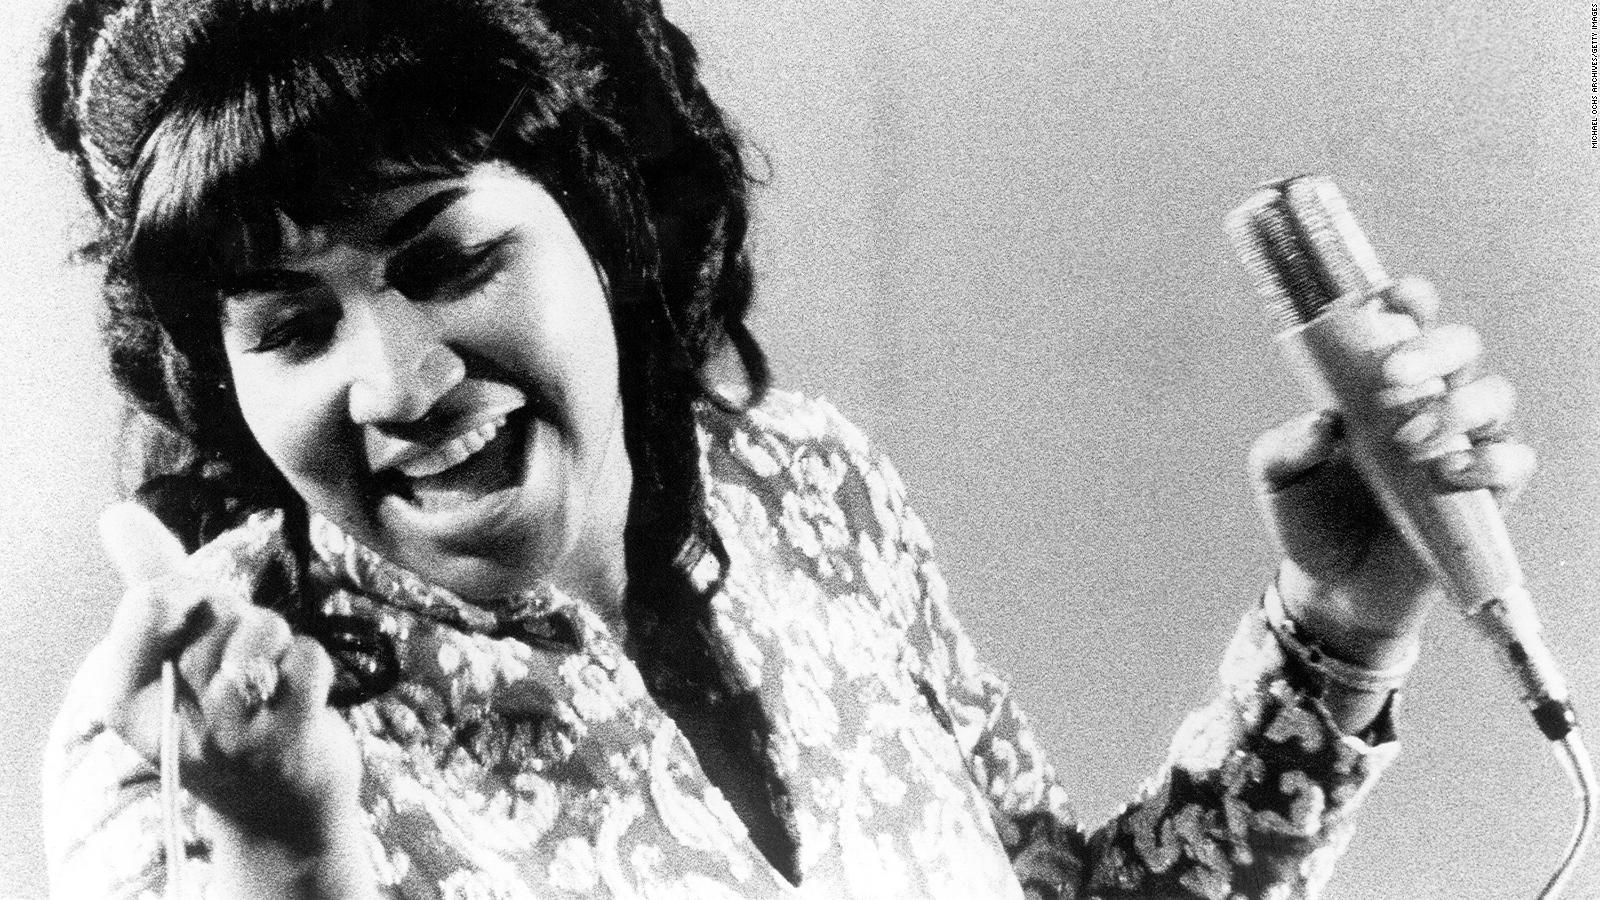 El Mejor Legado De Aretha Franklin Según Ella Misma Cnn Video